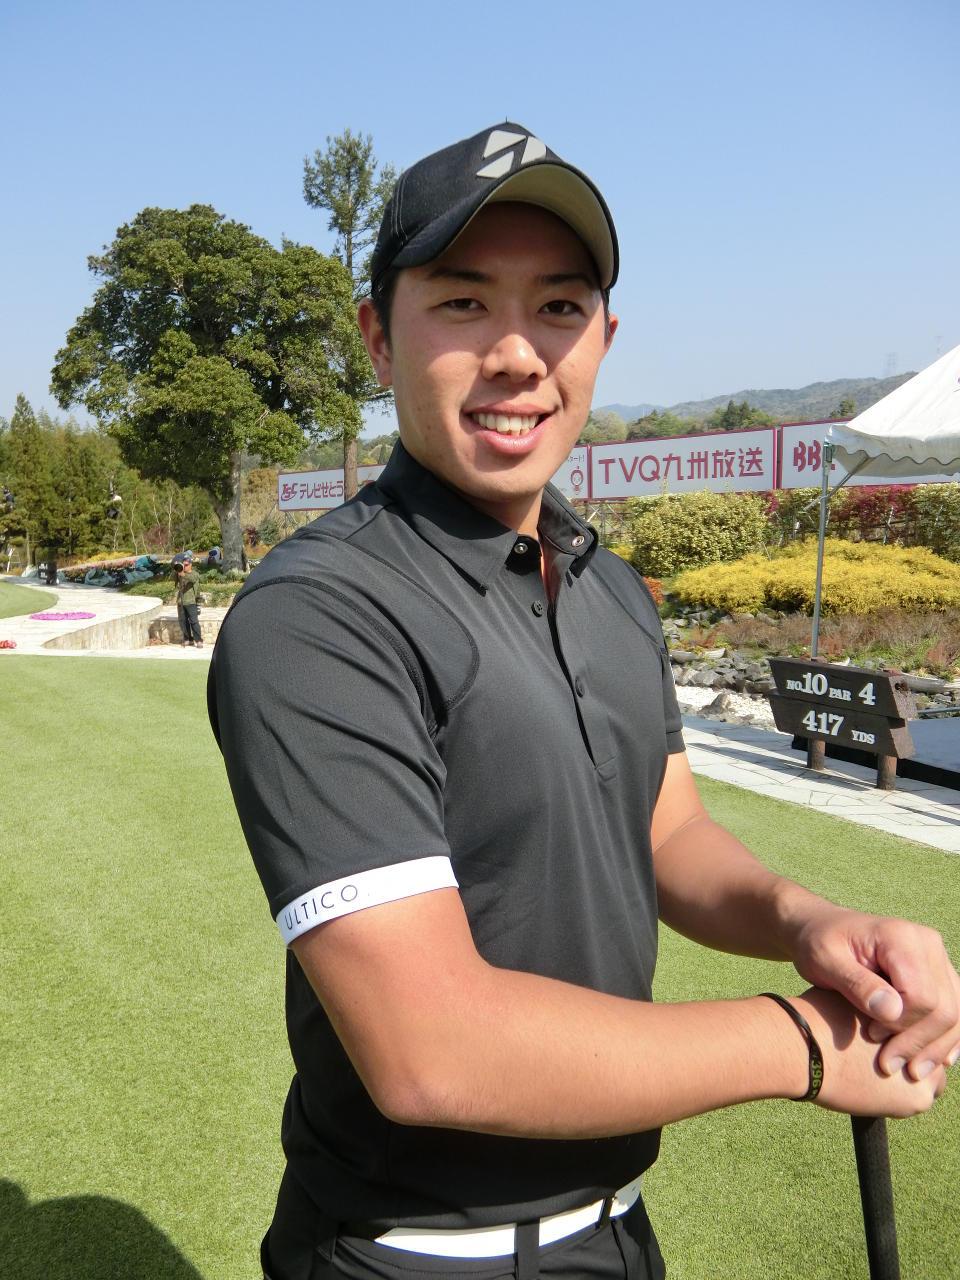 http://www.bs-golf.com/pro/558dc6a35a6cf0e90ff9a4b69d046973f467b41f.JPG